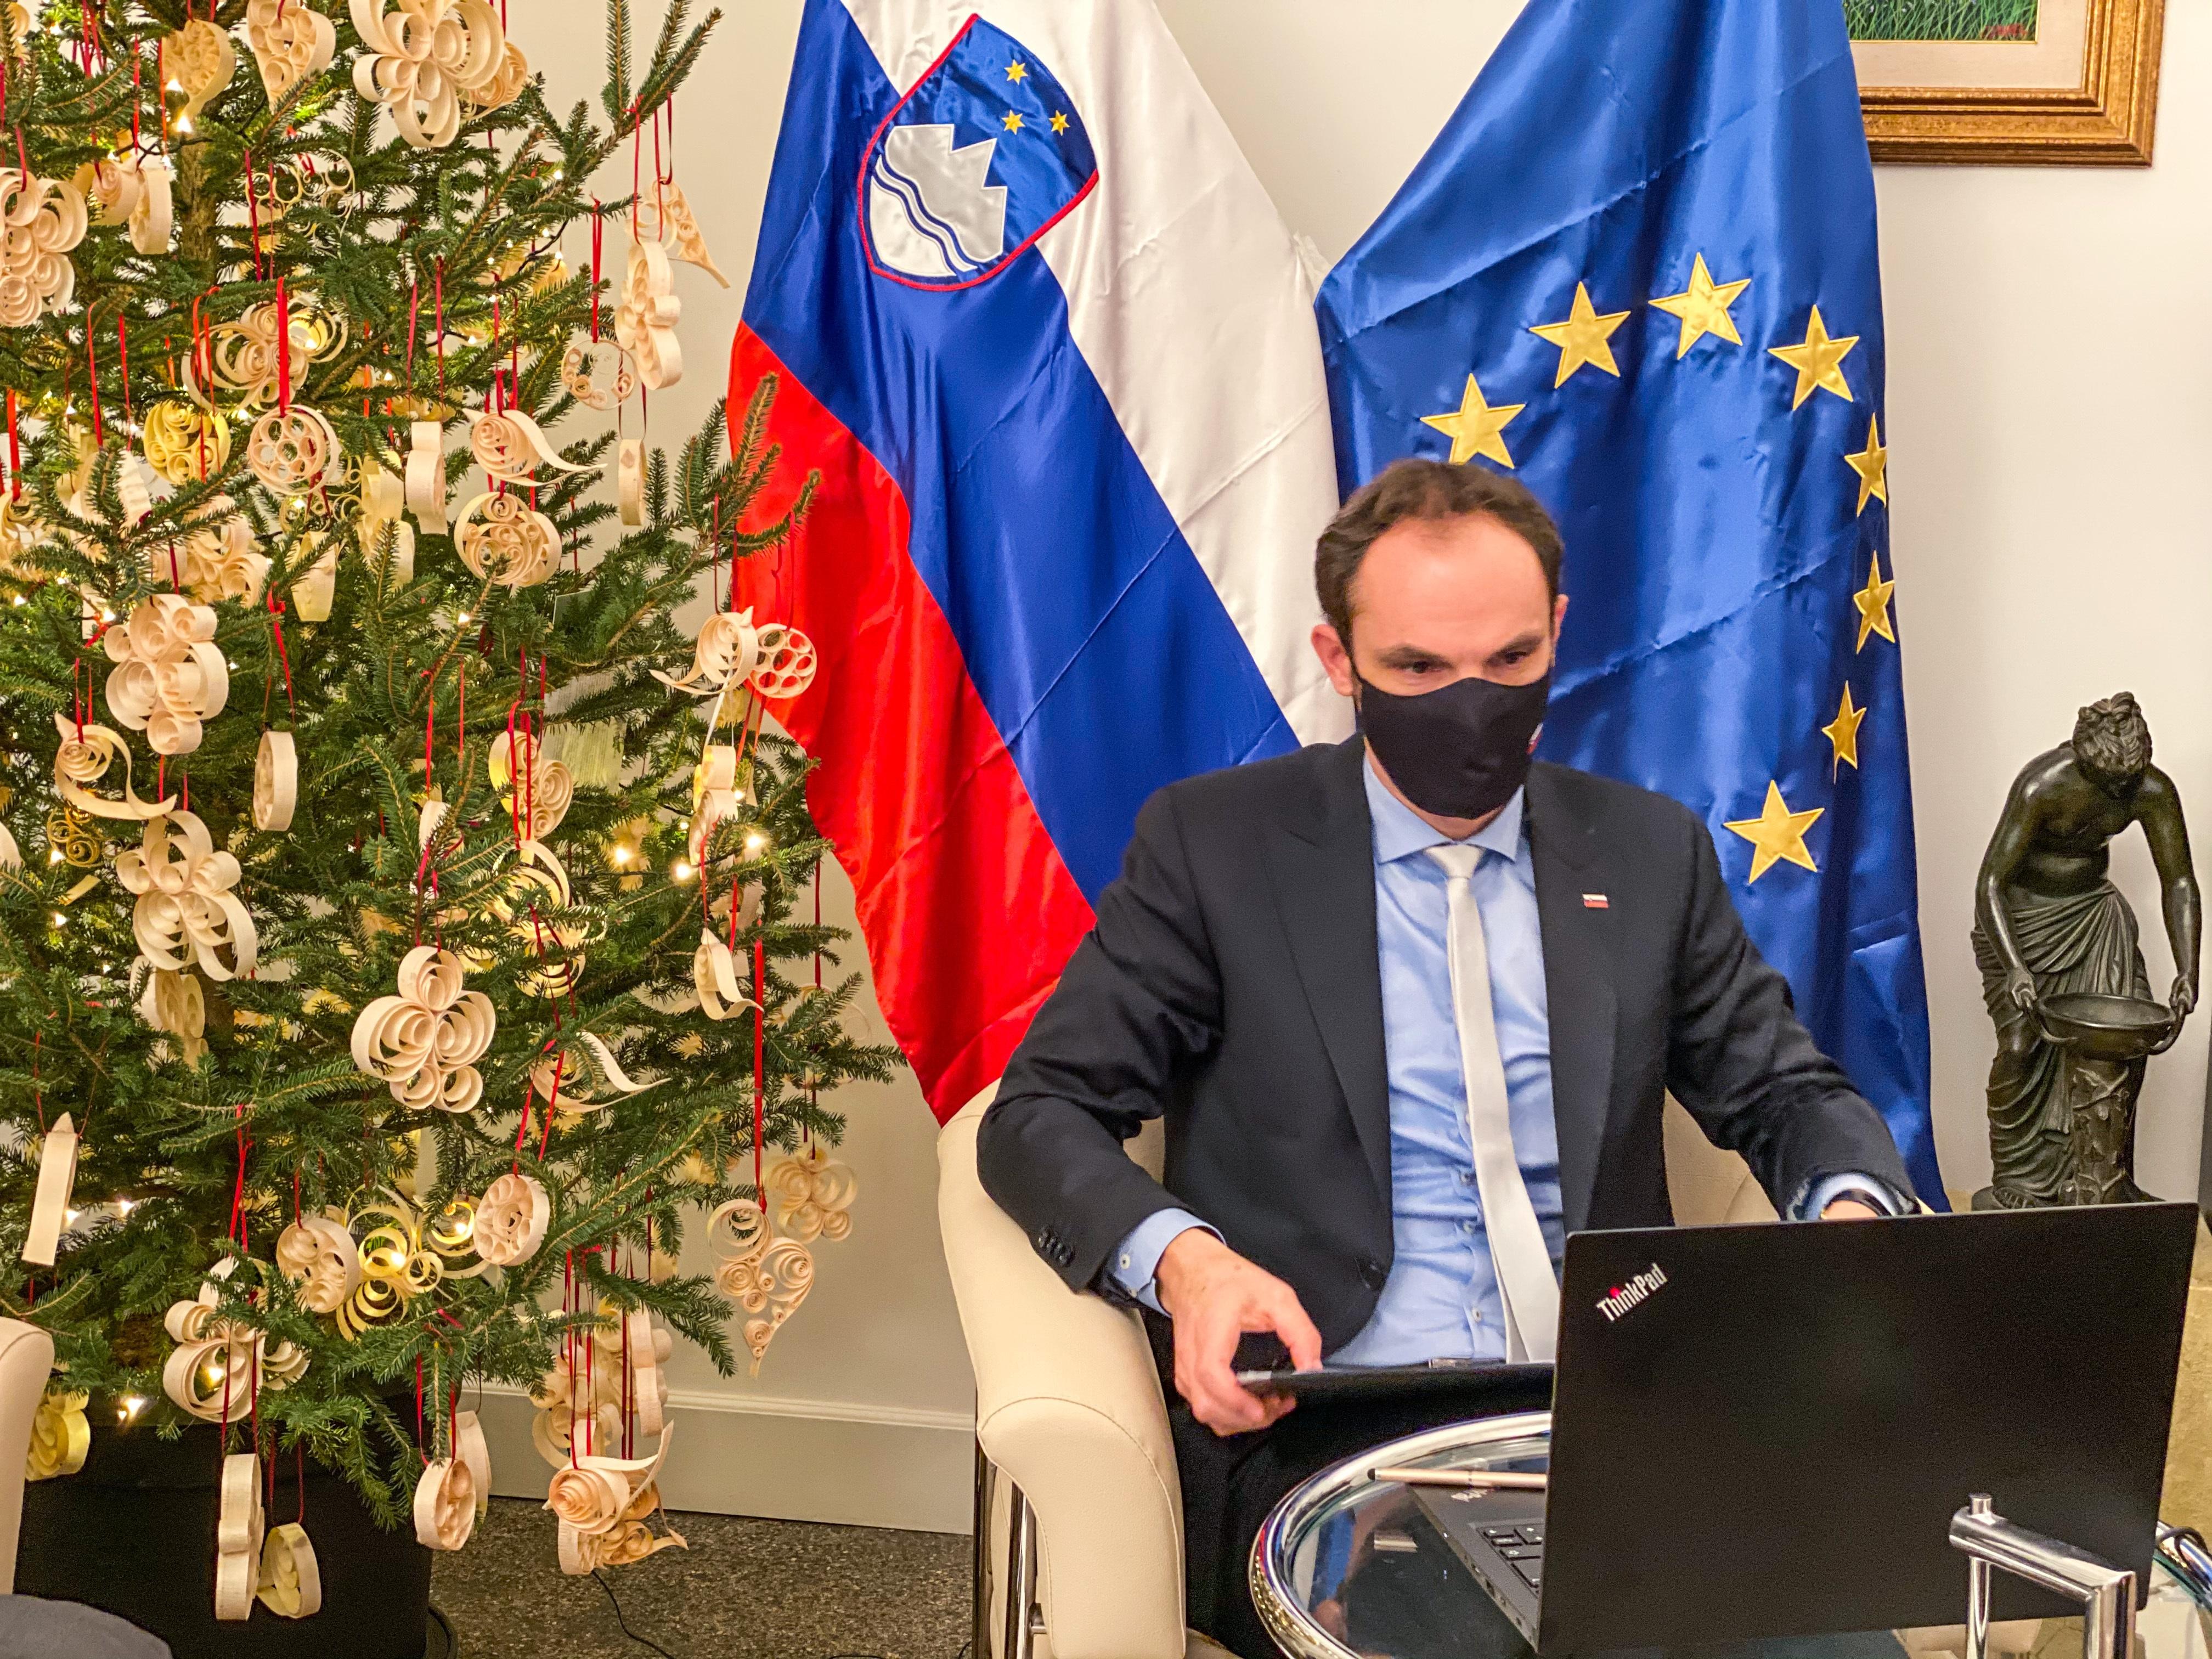 Slovenija, Italija i Hrvatska održaće sastanak o EEZ na Jadranu